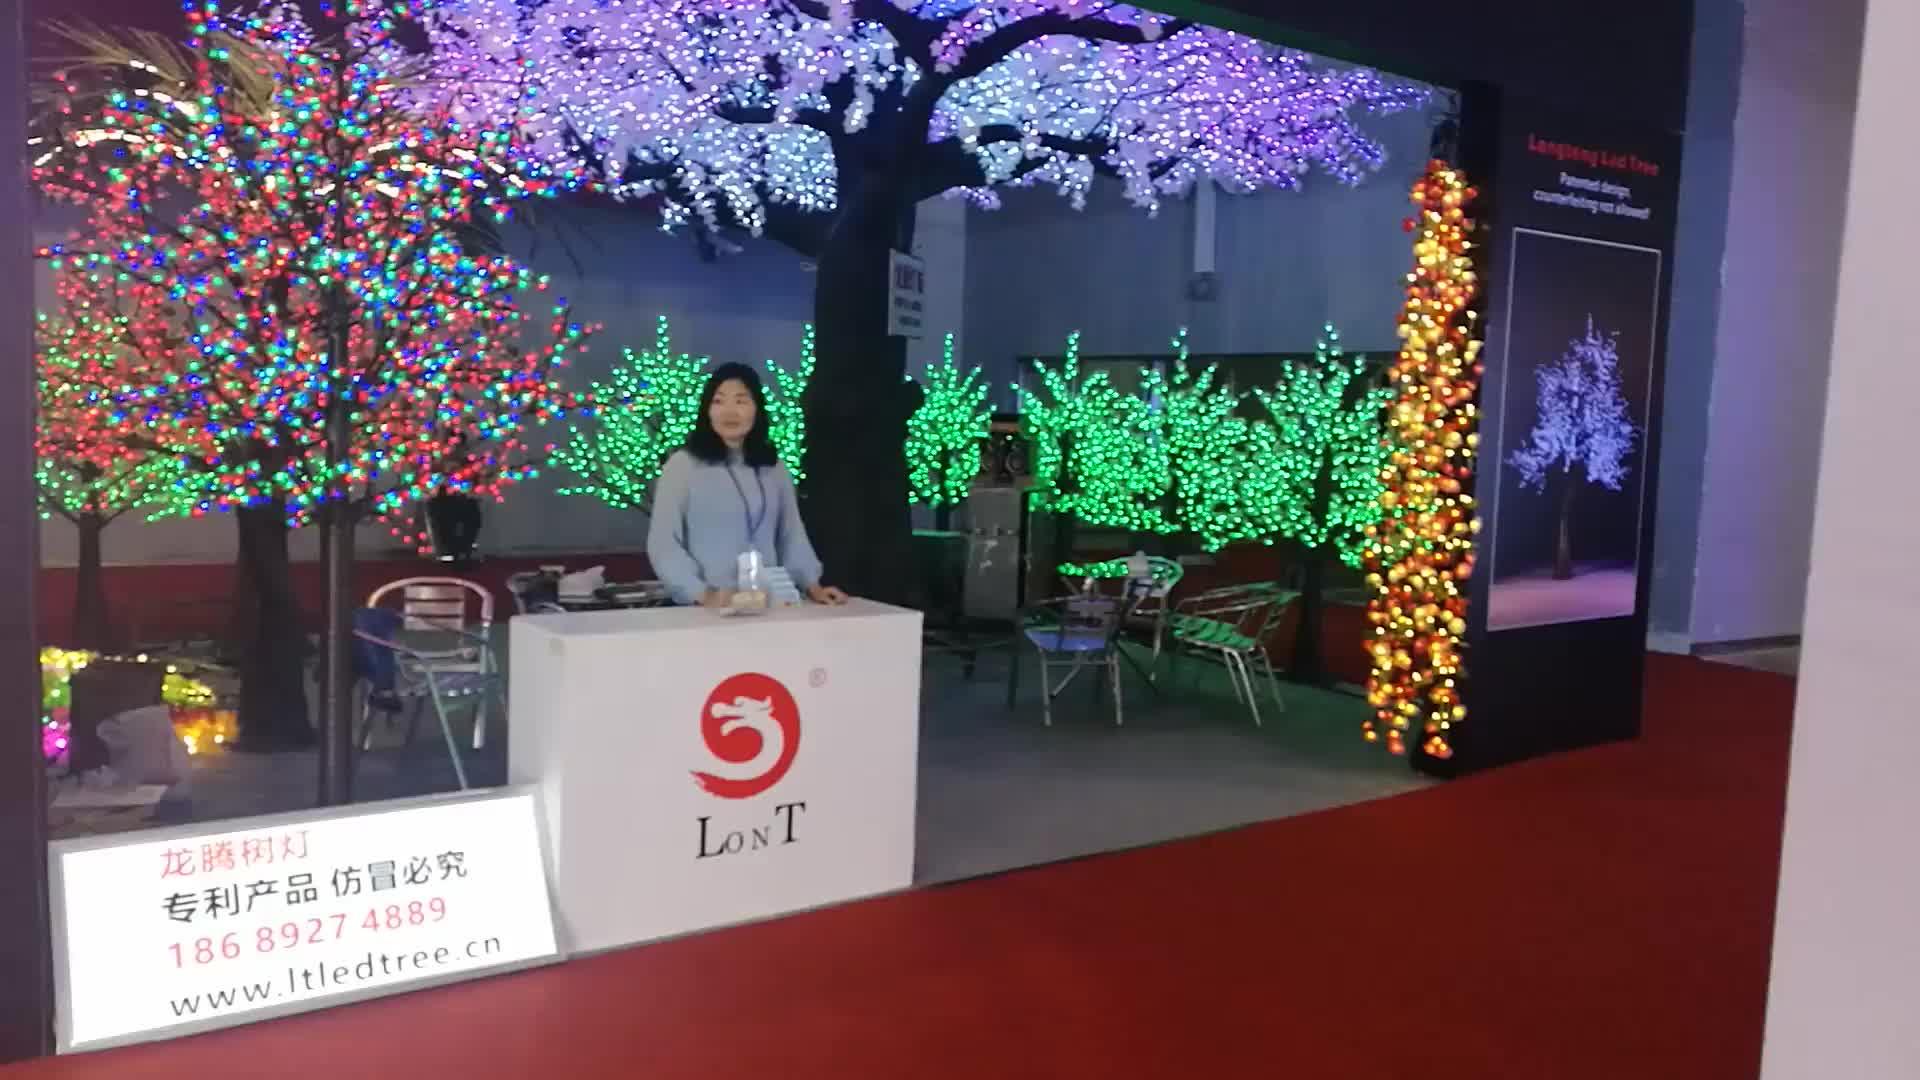 Outdoor vakantie decoraties street kerst wedding garden kunstmatige steen laagspanning led landschap verlichting